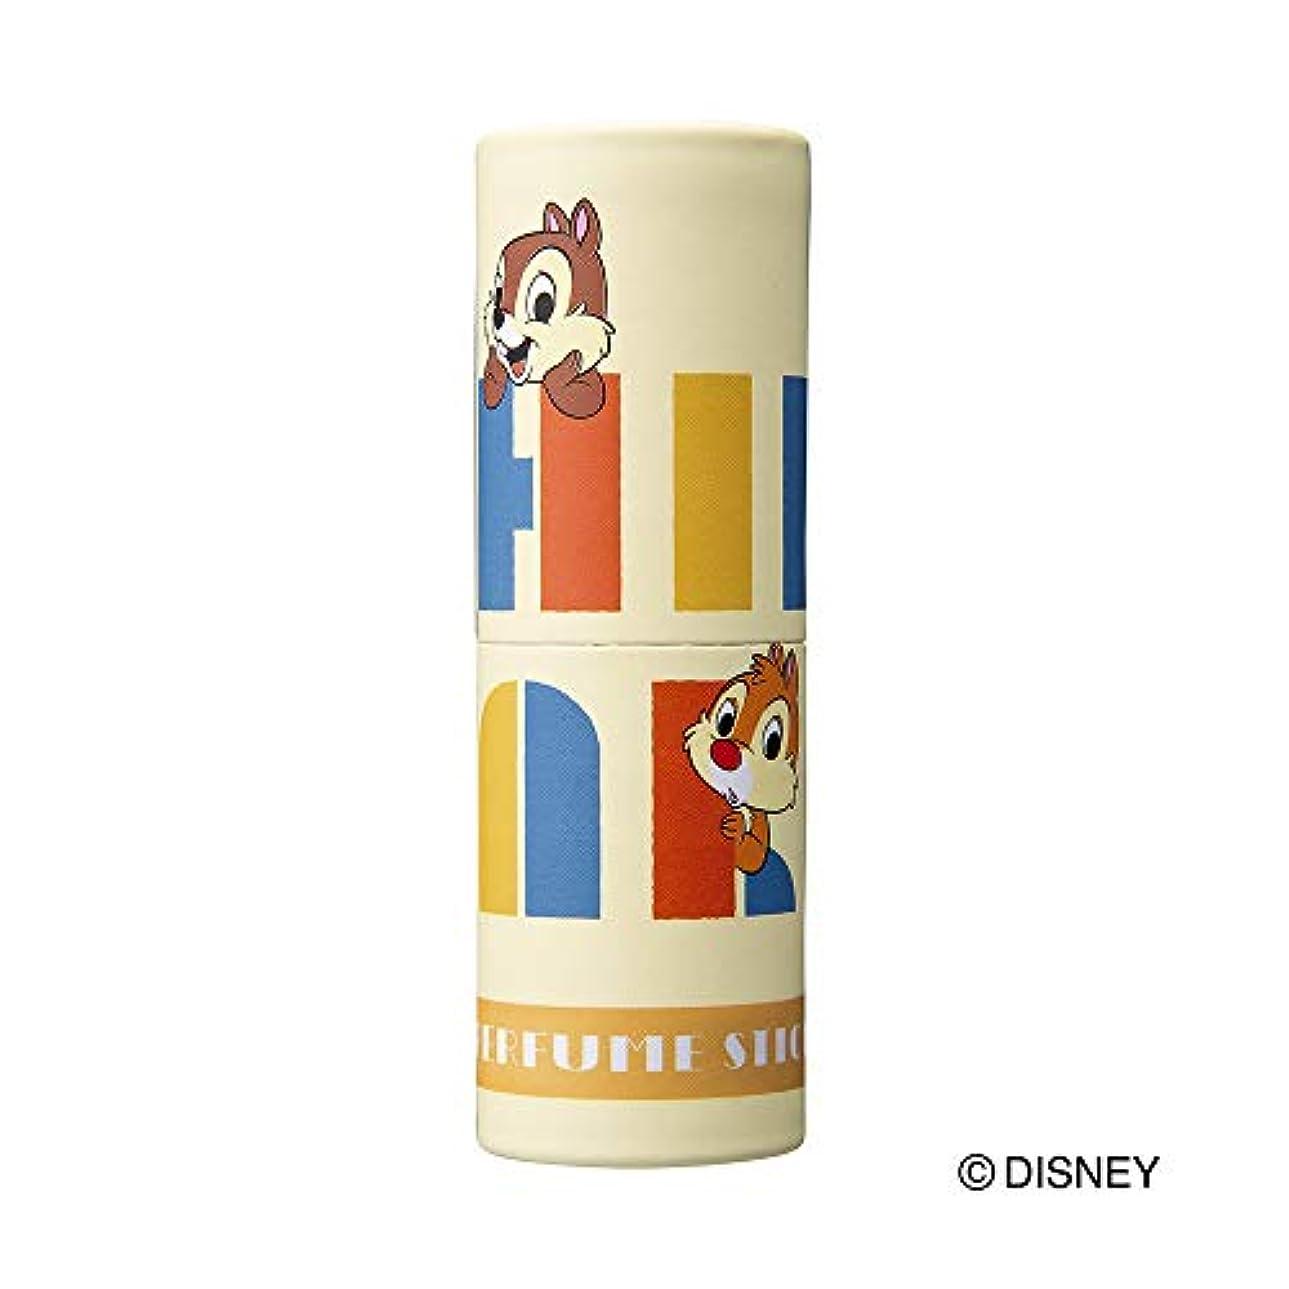 描く哀れな含めるパフュームスティック チアー シトラス&シャボンの香り ディズニーデザイン 5g